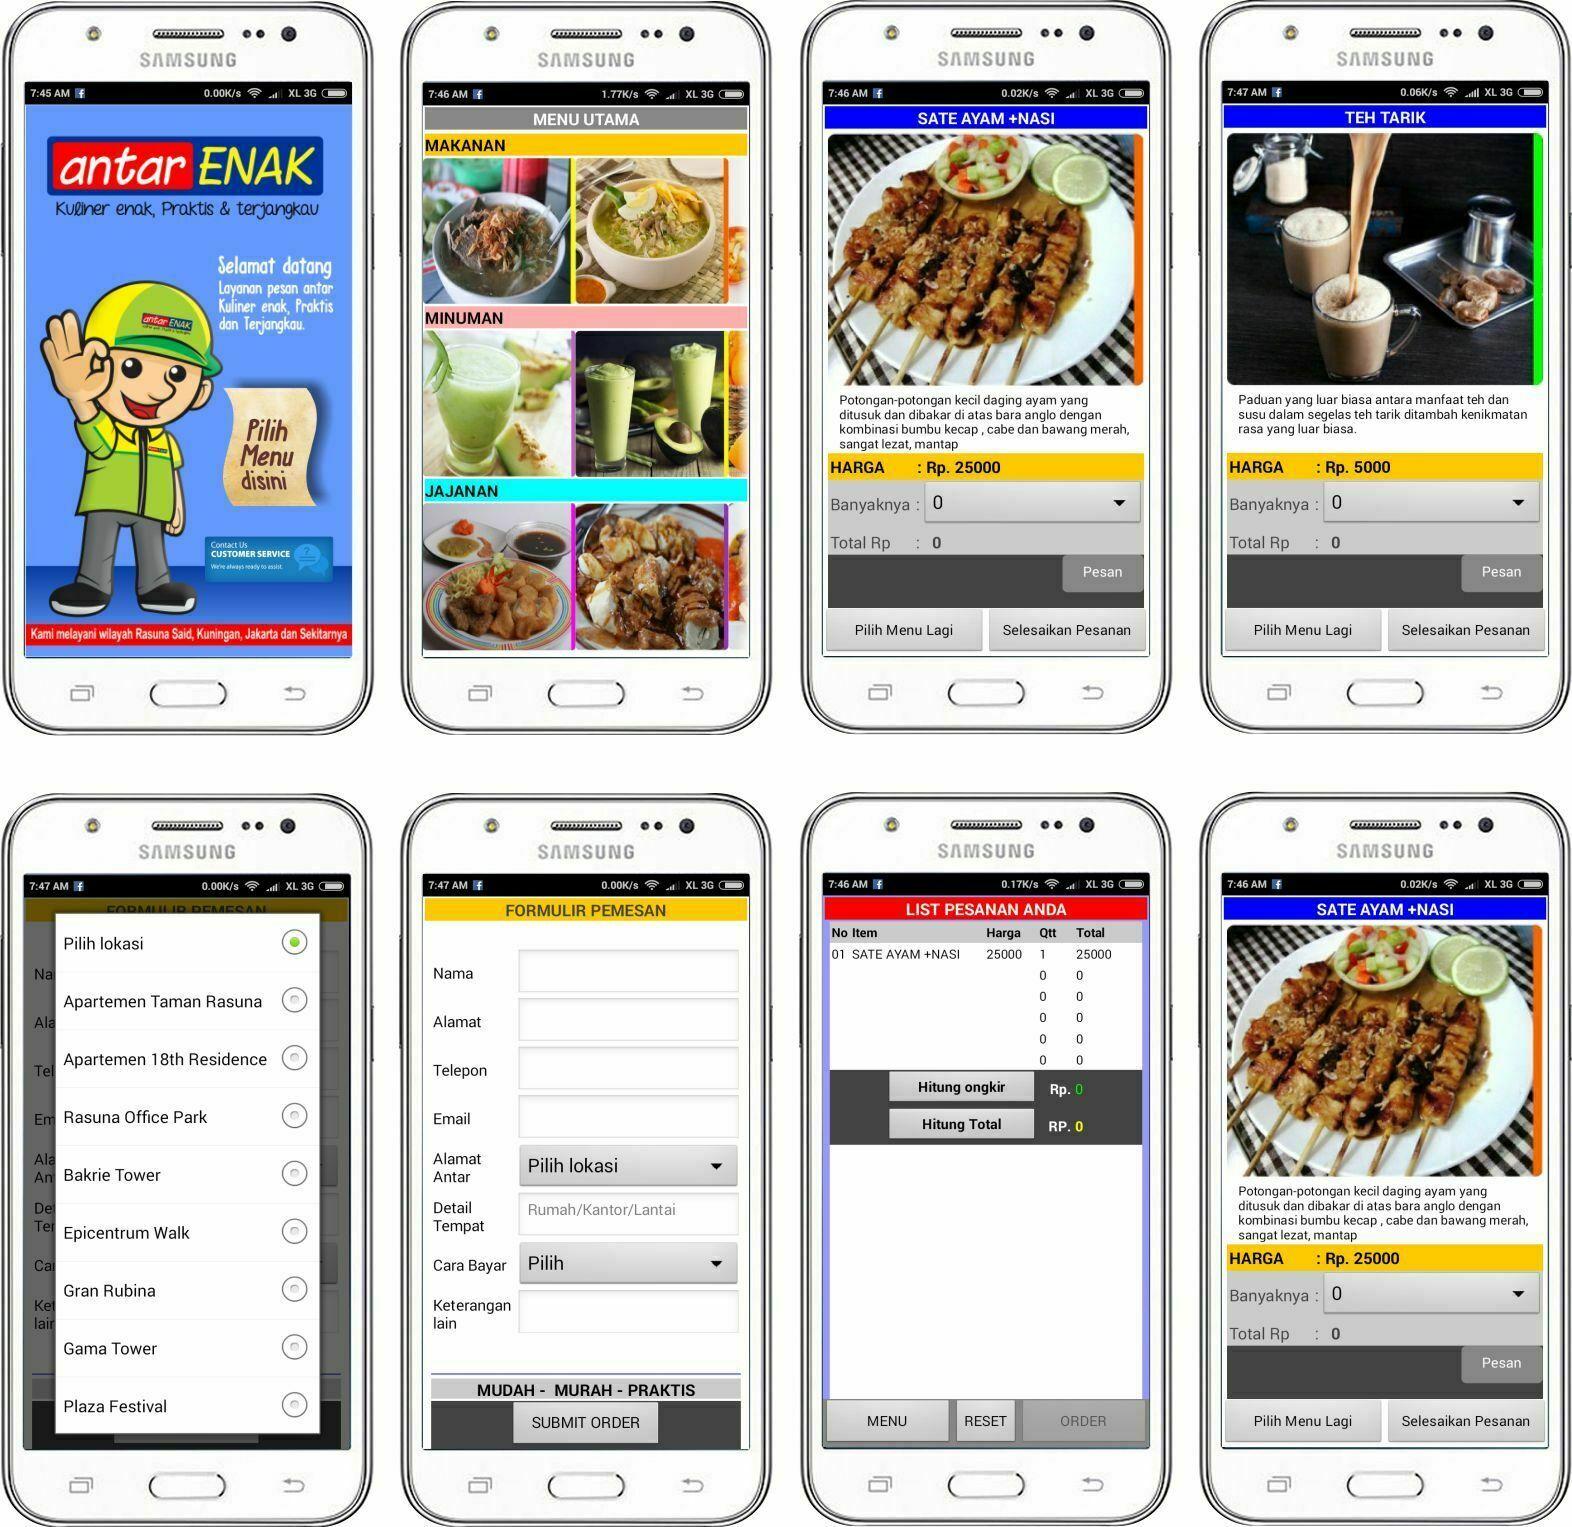 Jasa Pembuatan Aplikasi Pesan Makanan, Jasa Pembuatan Aplikasi ios Dan android, Jasa Pembuatan Aplikasi Android. jasa bikin Aplikasi android, Pembuat Aplikasi gojek Dan Segala macam Aplikasi.